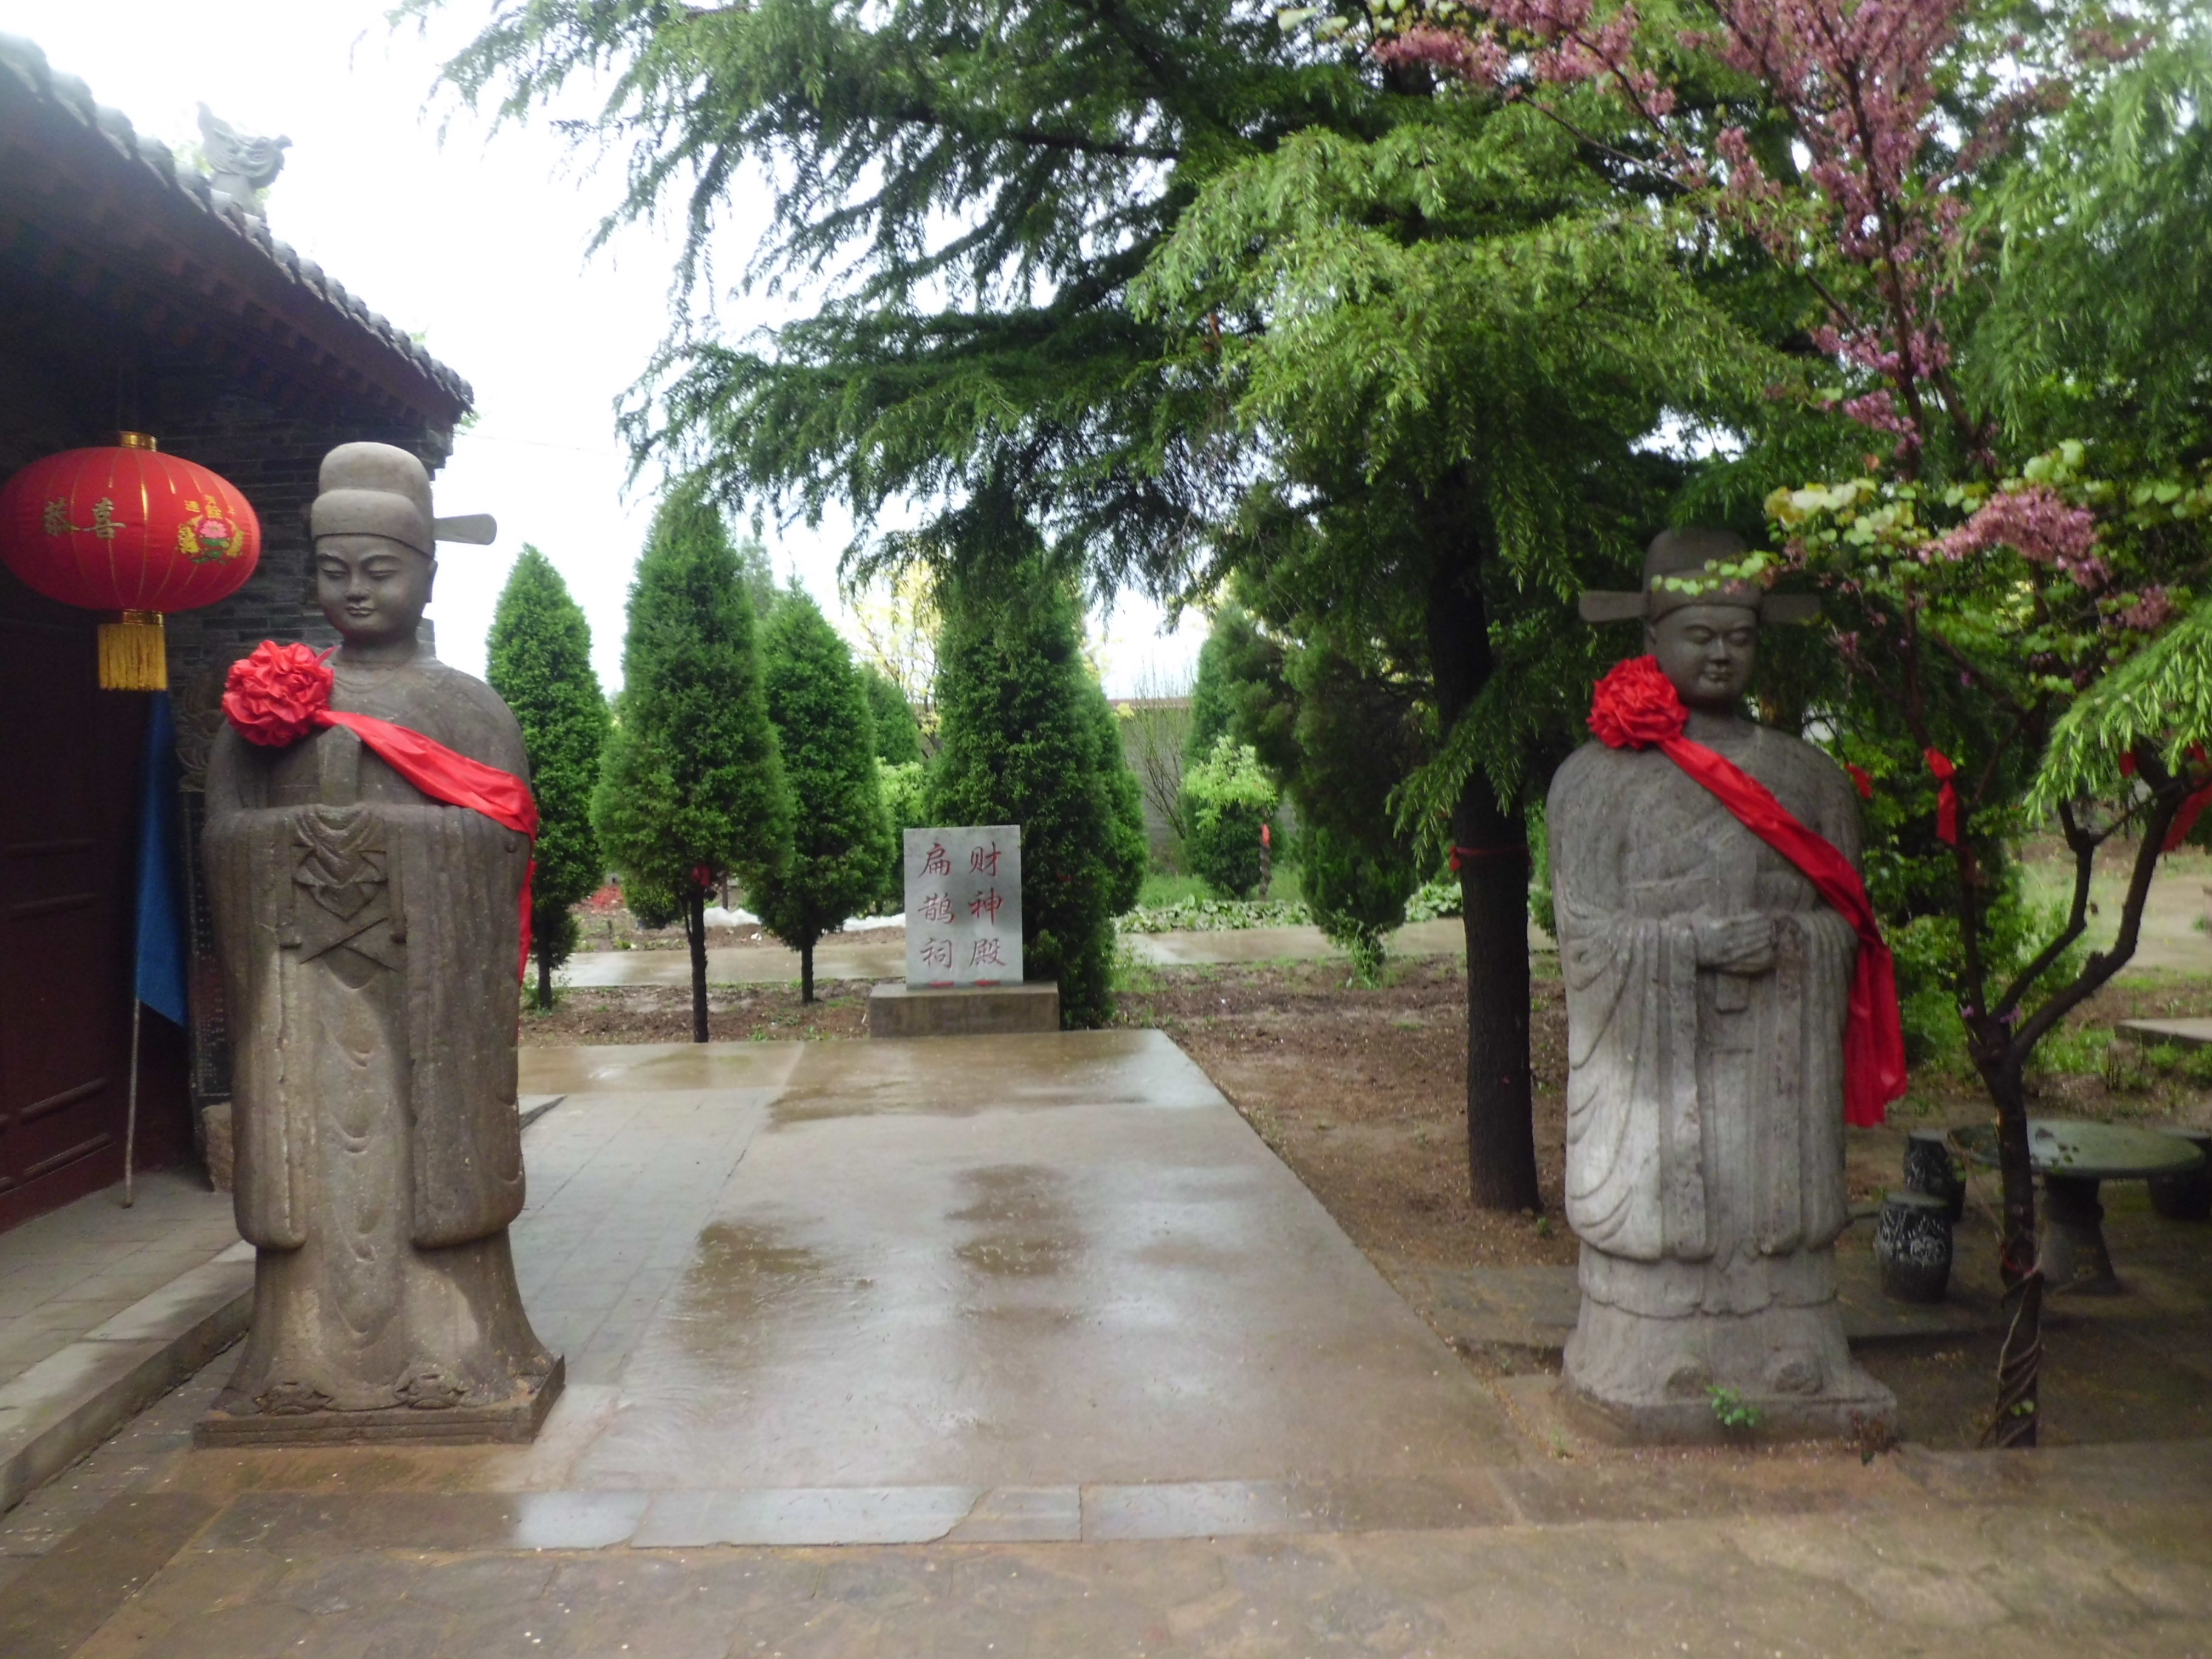 扁鹊墓与扁鹊庙